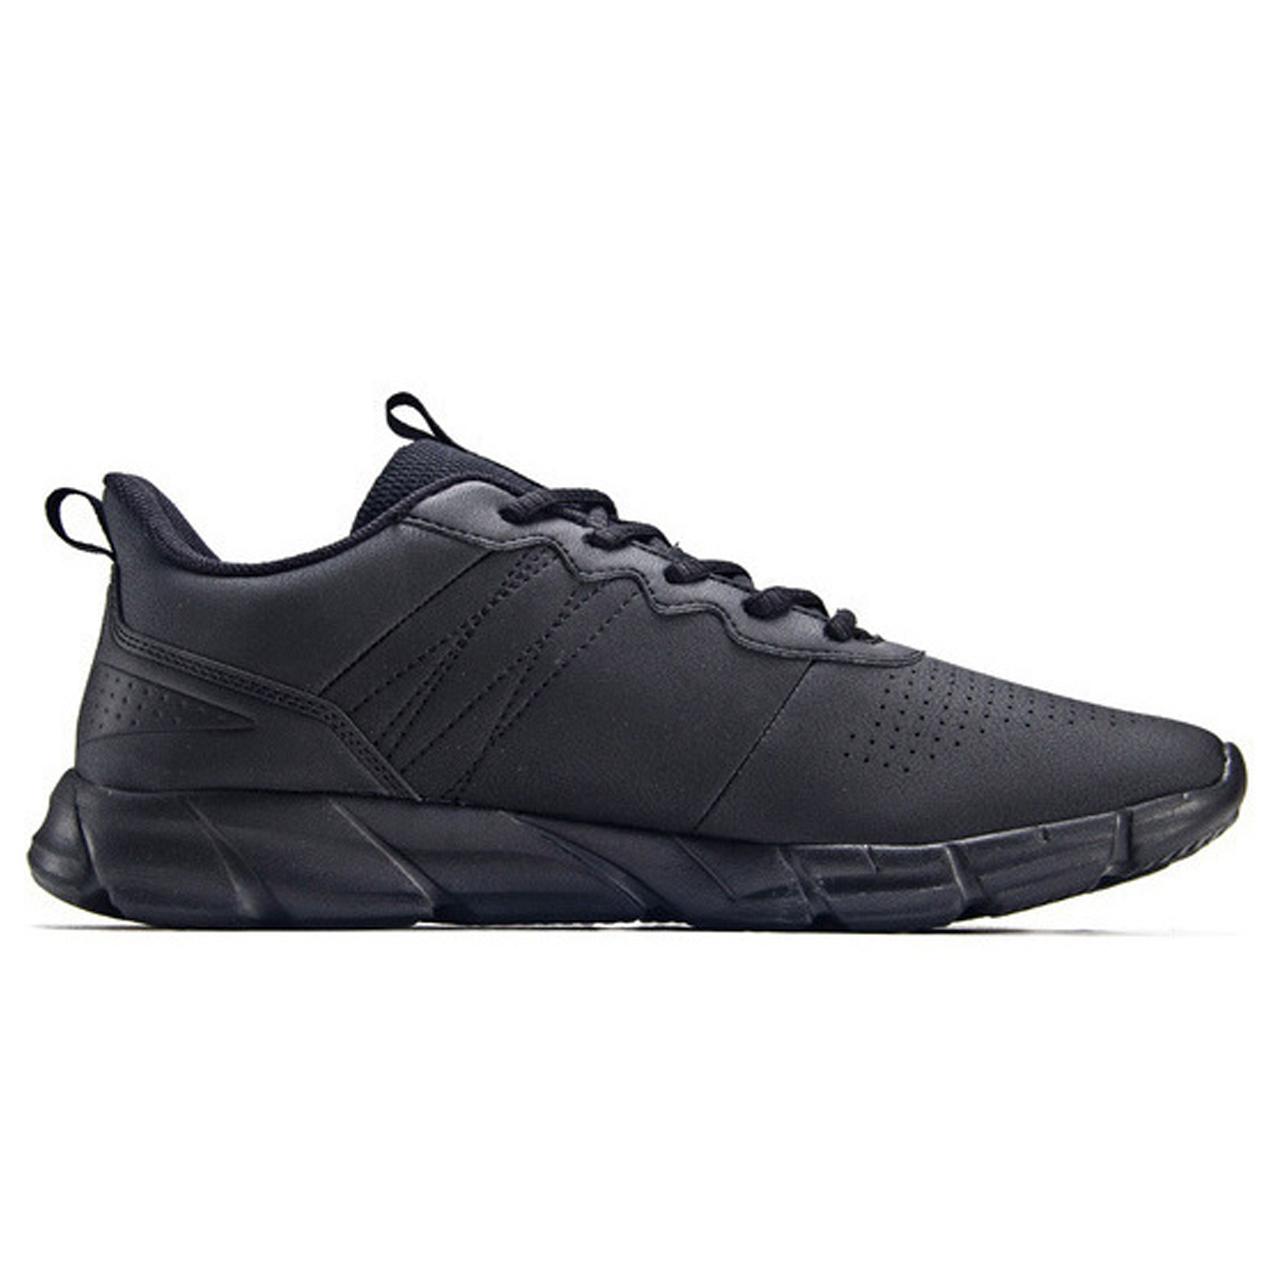 خرید                      کفش مخصوص دویدن مردانه 361 درجه کد 3-671832281              👟